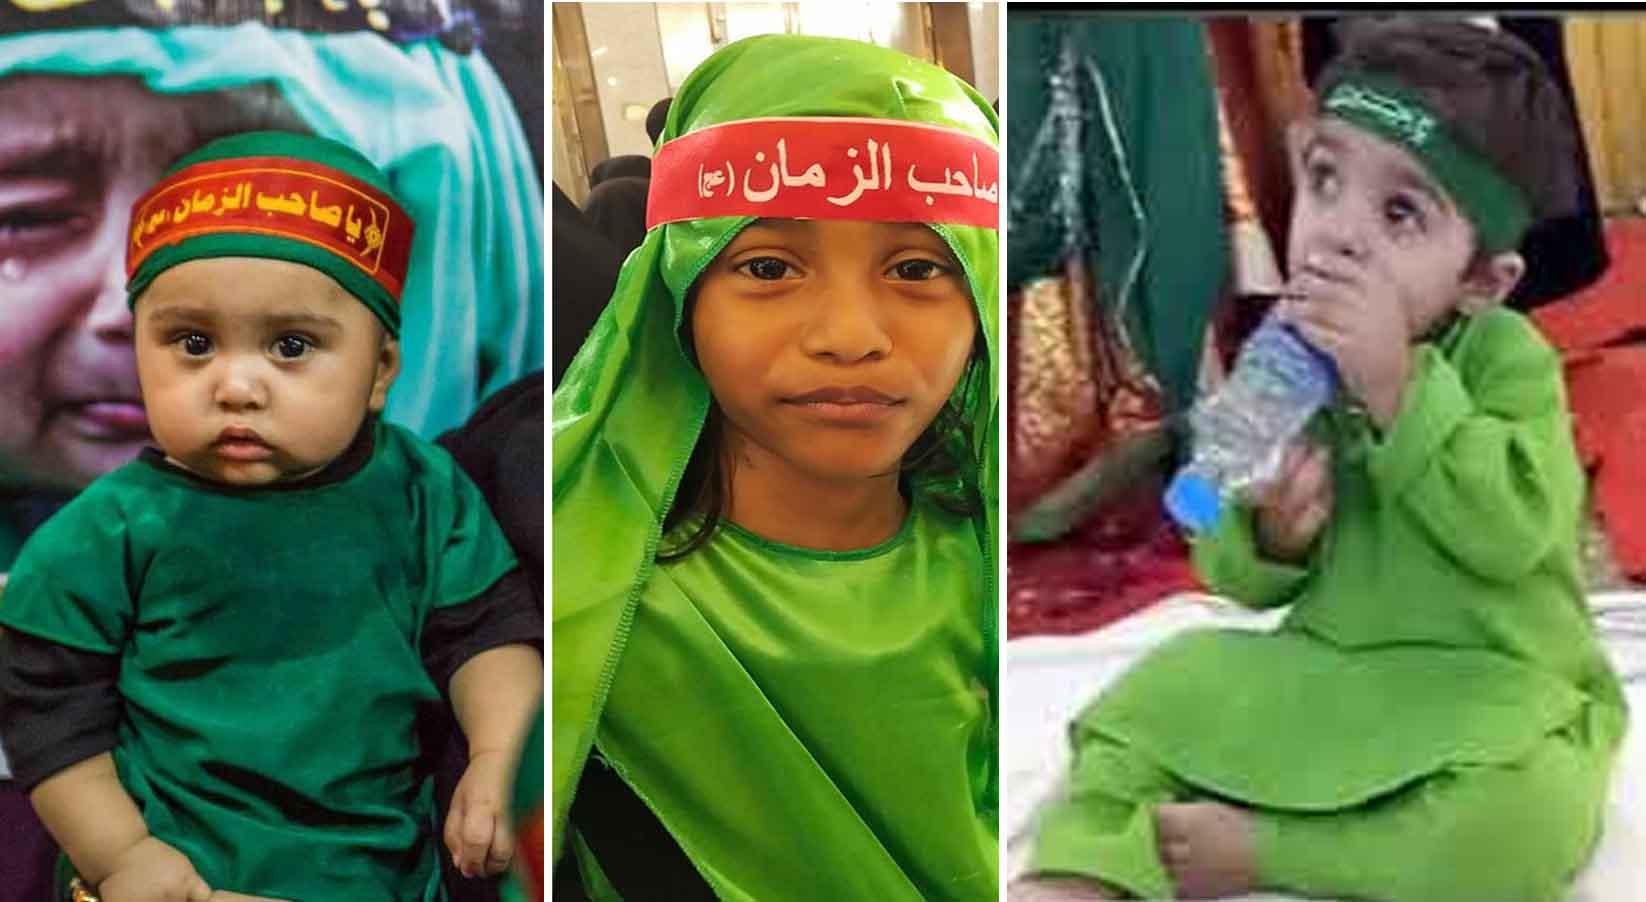 ایران، عراق، ہندوستان سمیت پوری دنیا میں عالمی یوم علی اصغر (ع) عقیدت و احترام کے ساتھ منایا گیا